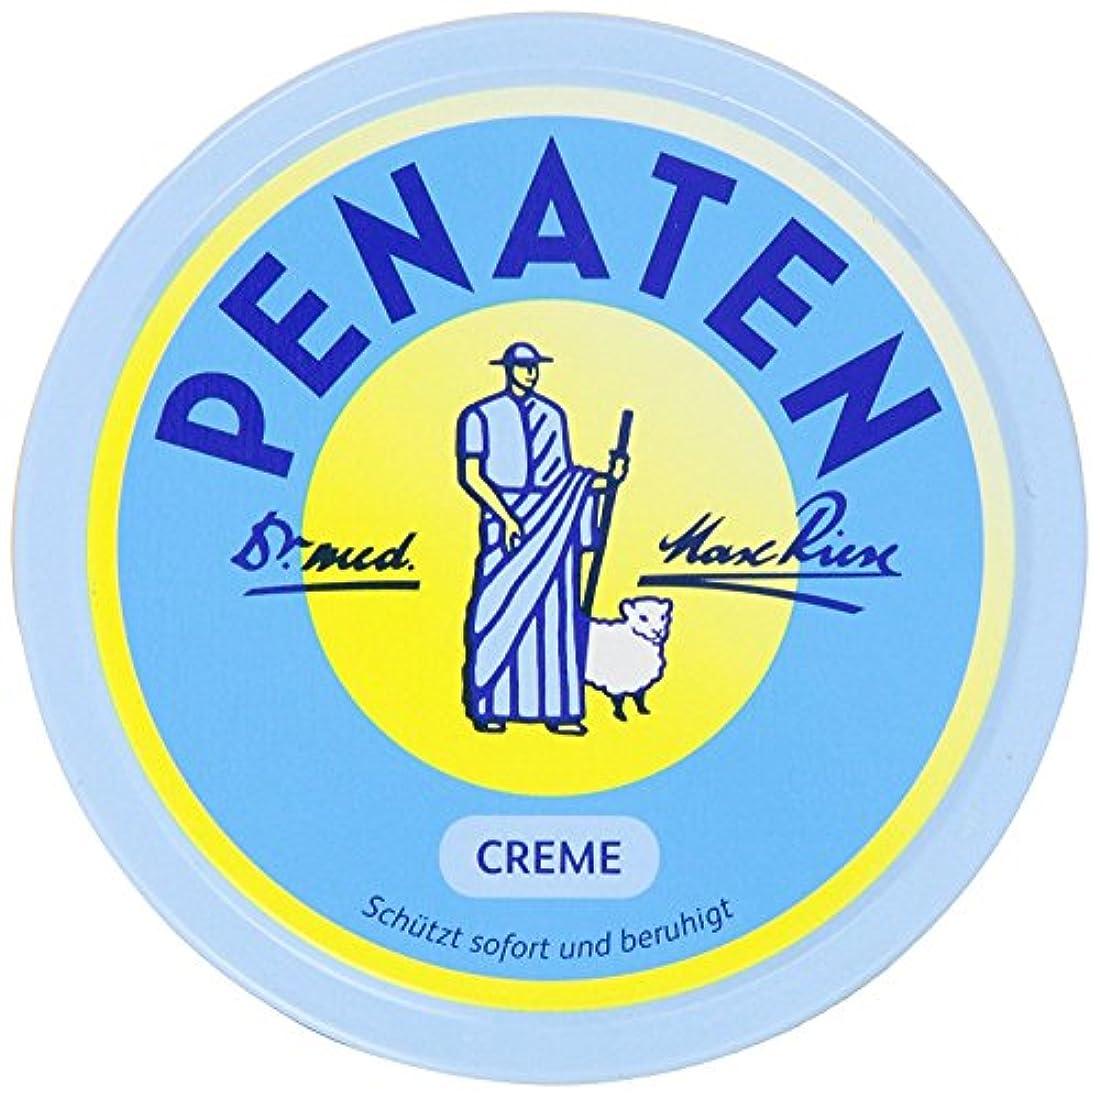 聴覚障害者他の日一掃する(ペナテン) Penaten Baby Creme 150 ml, 3er Pack (3 x 150 ml) (並行輸入品) shumaman